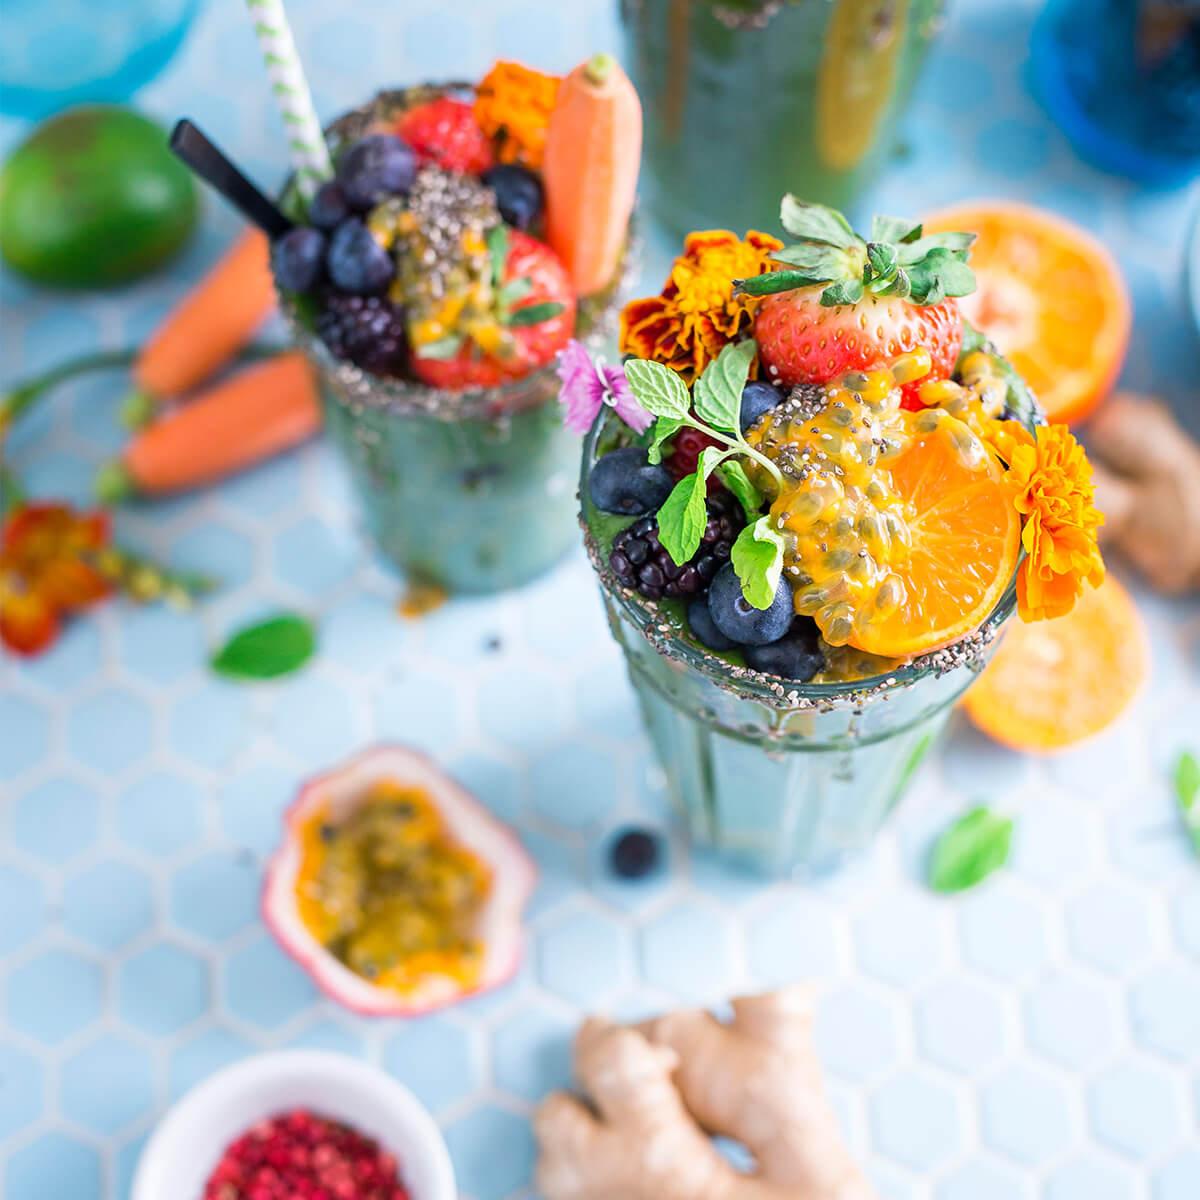 Rusk op i forbrugerne med innovative food koncepter